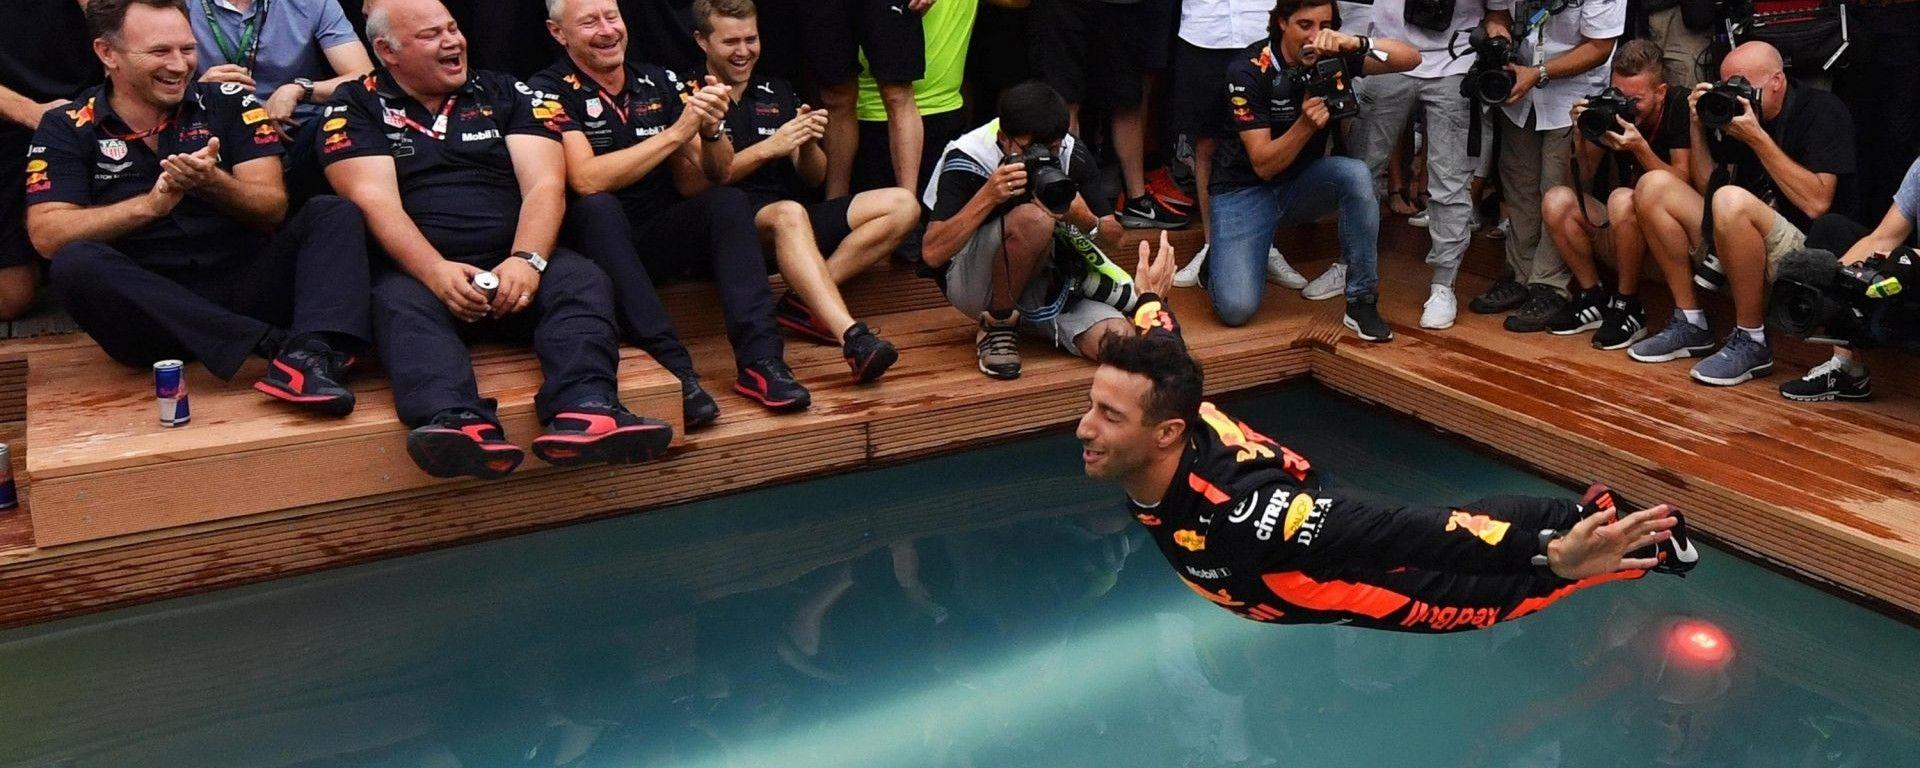 F1 GP Monaco: Ricciardo sorprende, Vettel rosicchia e Raikkonen...si annoia